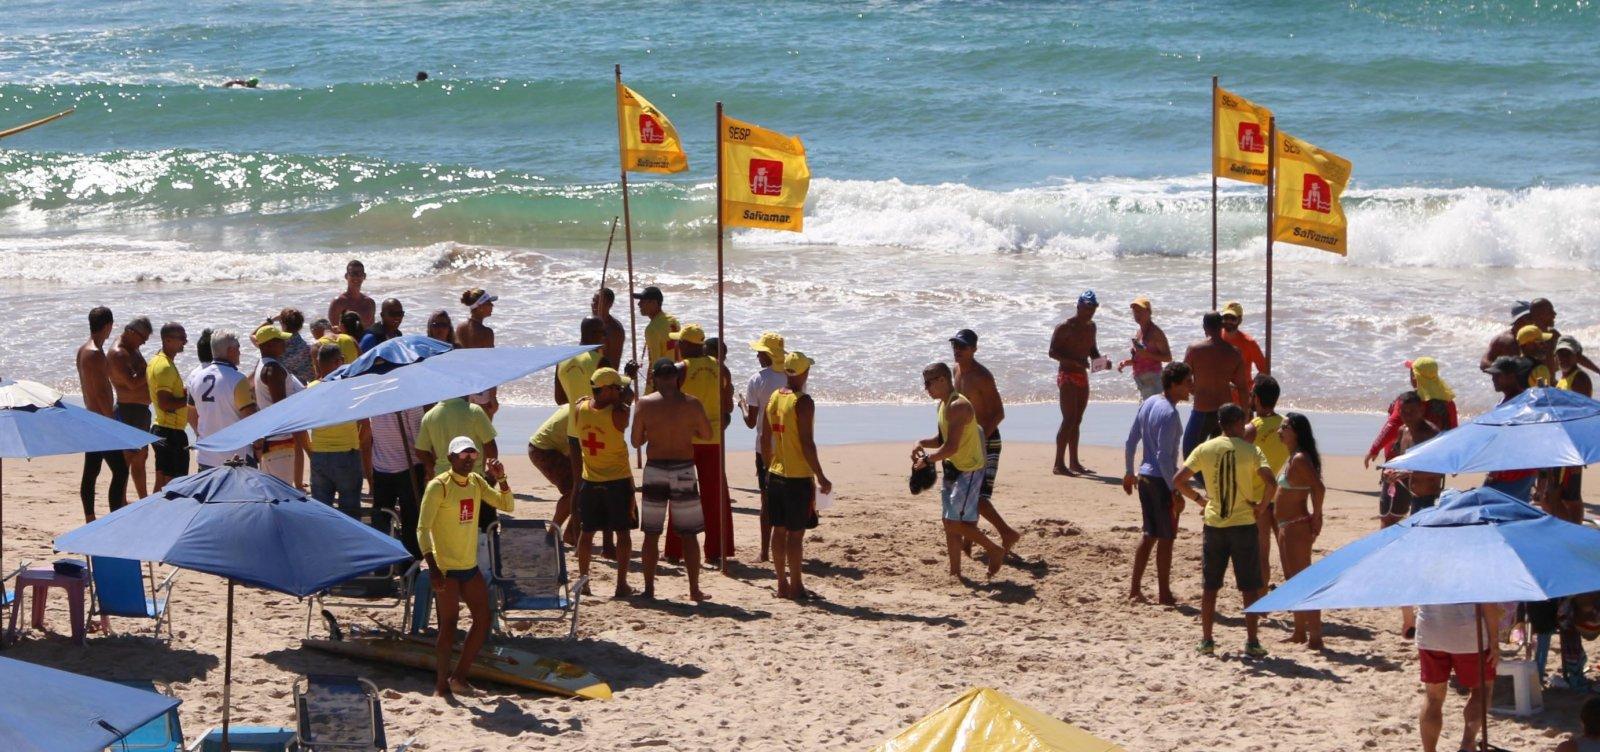 [Prefeitura abre 20 vagas para salva-vidas em Salvador]